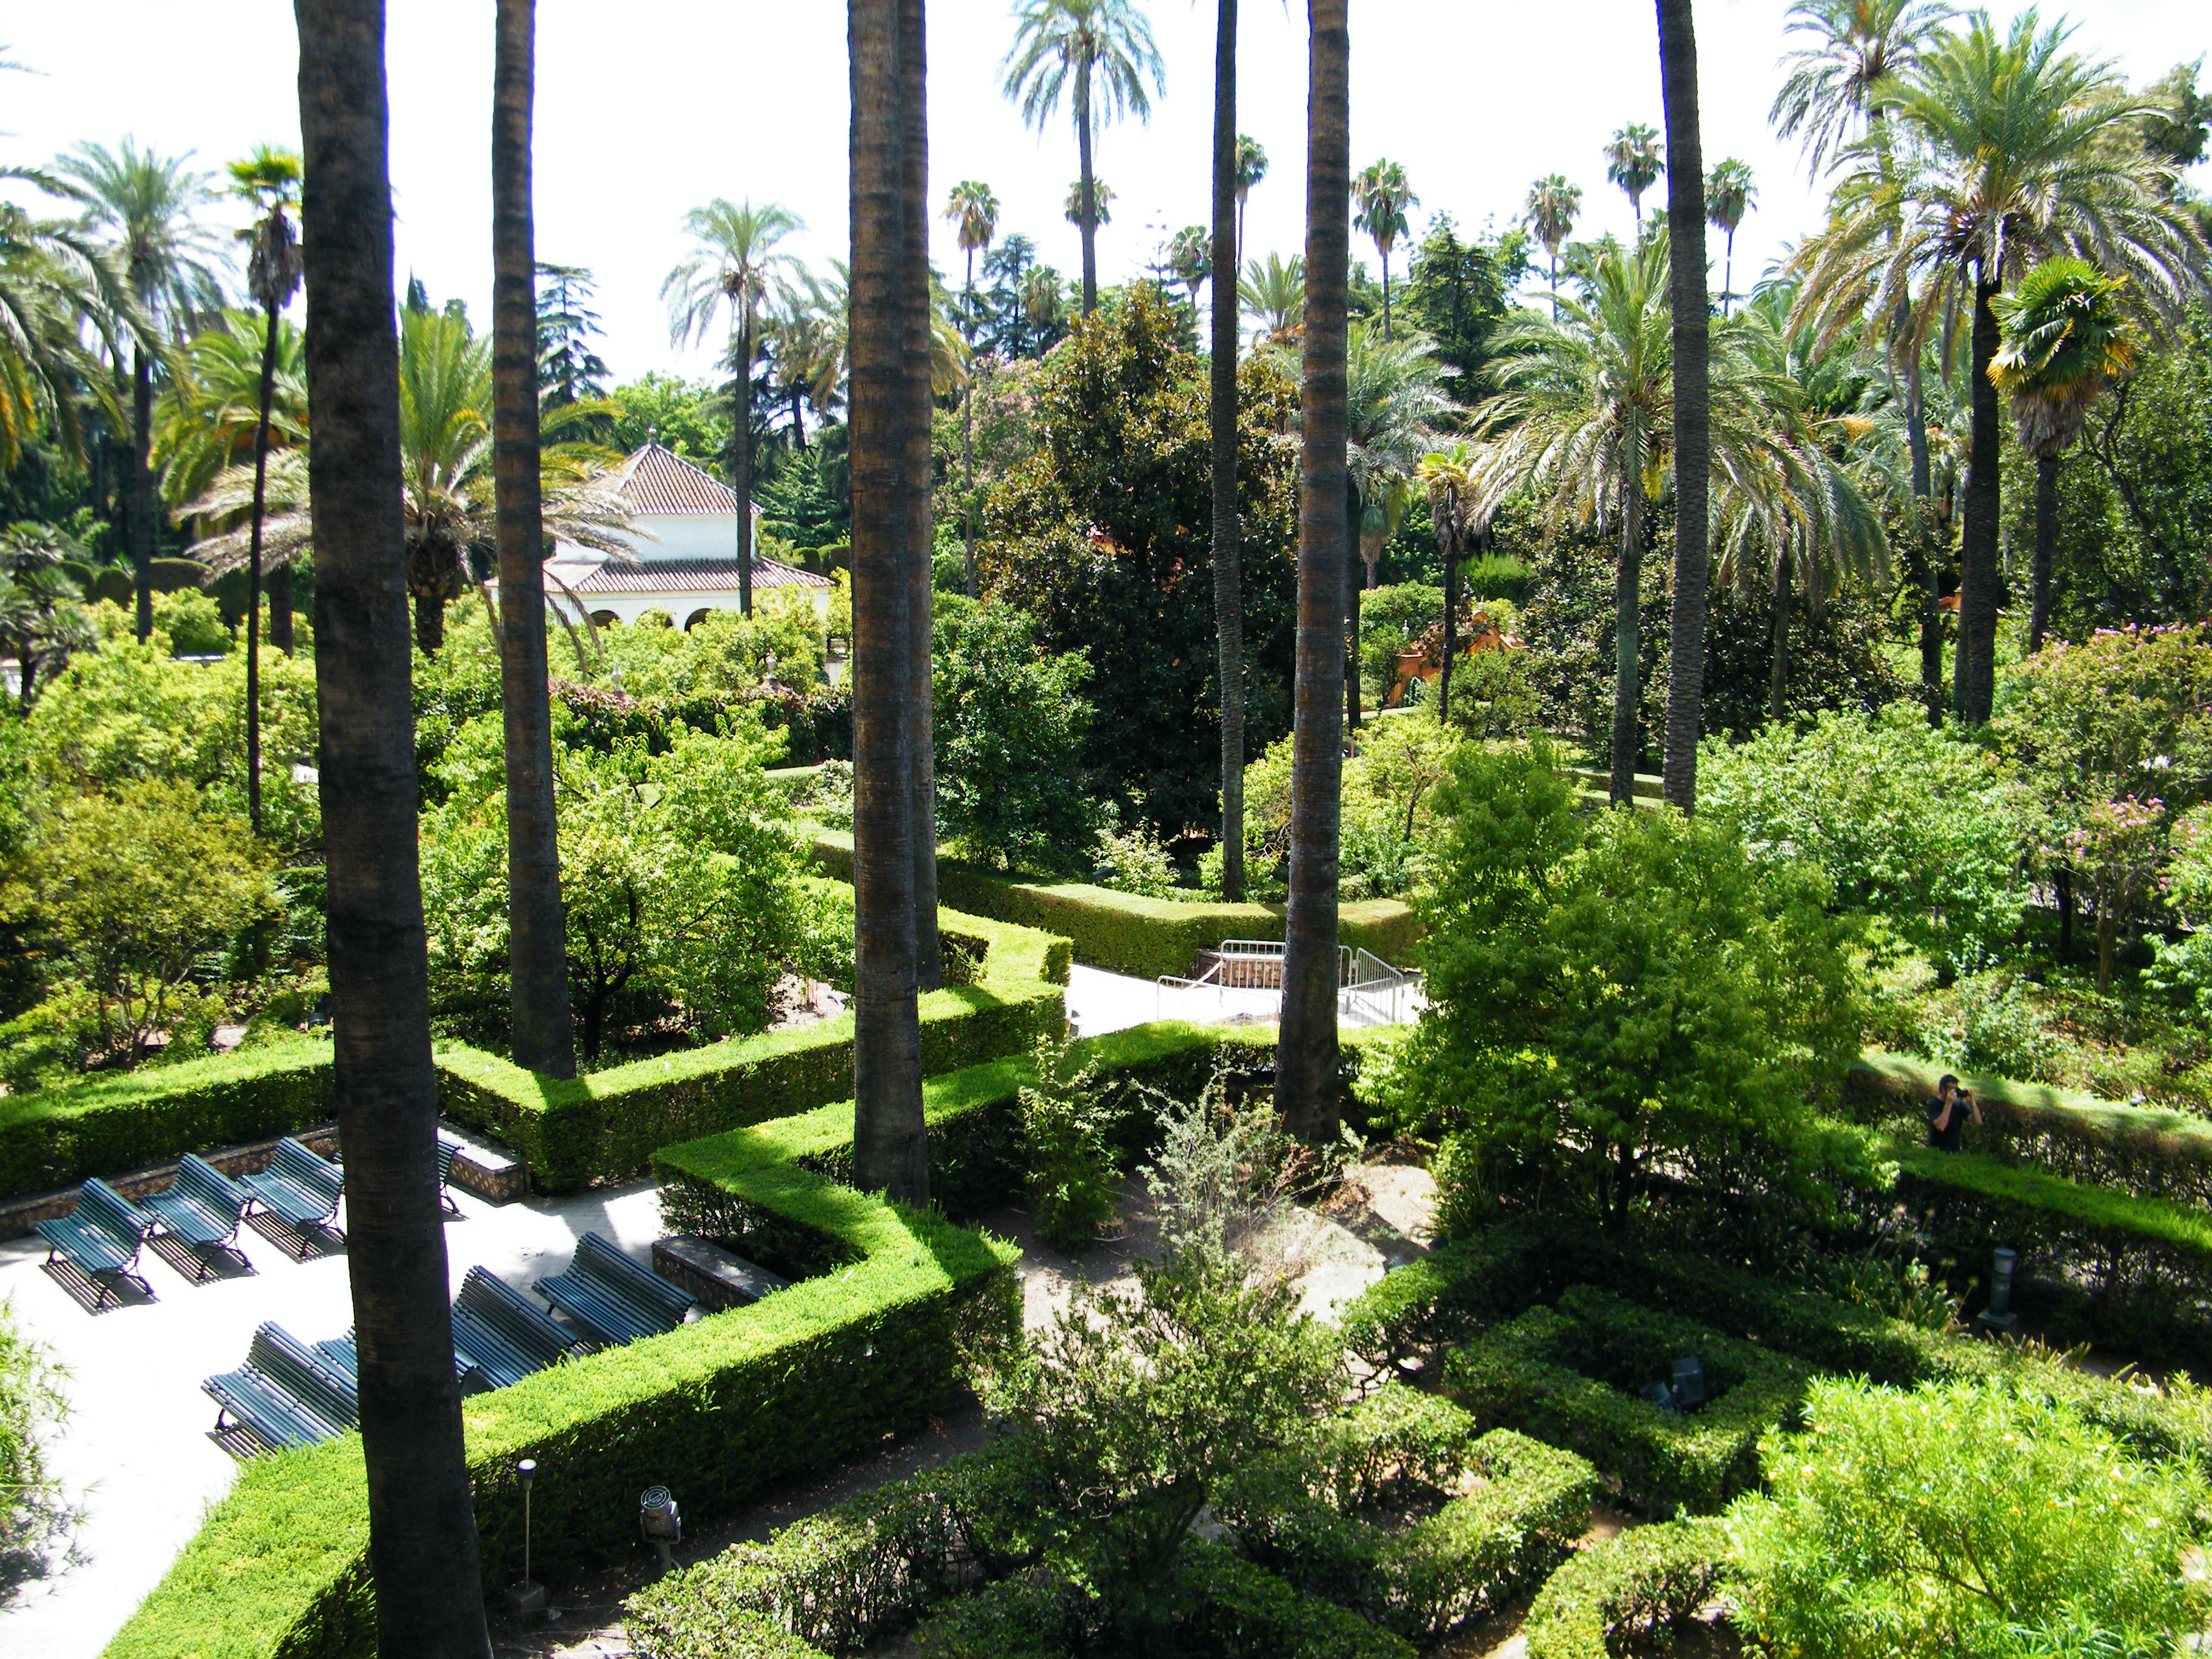 Blogosferia reales alc zares de sevilla - Jardines de sevilla ...